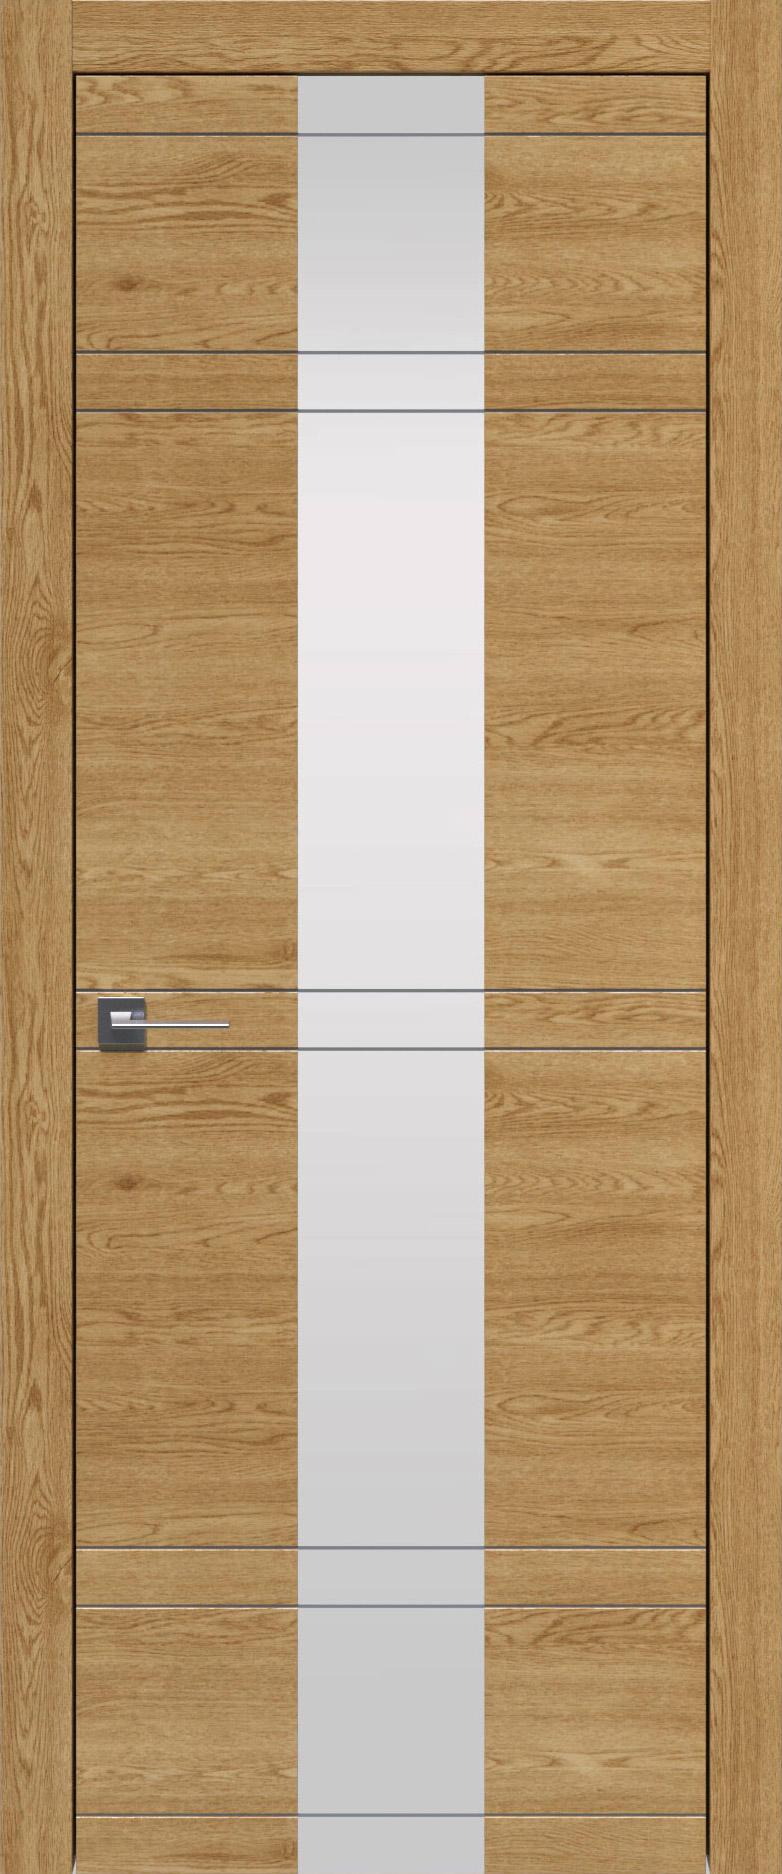 Tivoli Ж-4 цвет - Дуб натуральный Со стеклом (ДО)